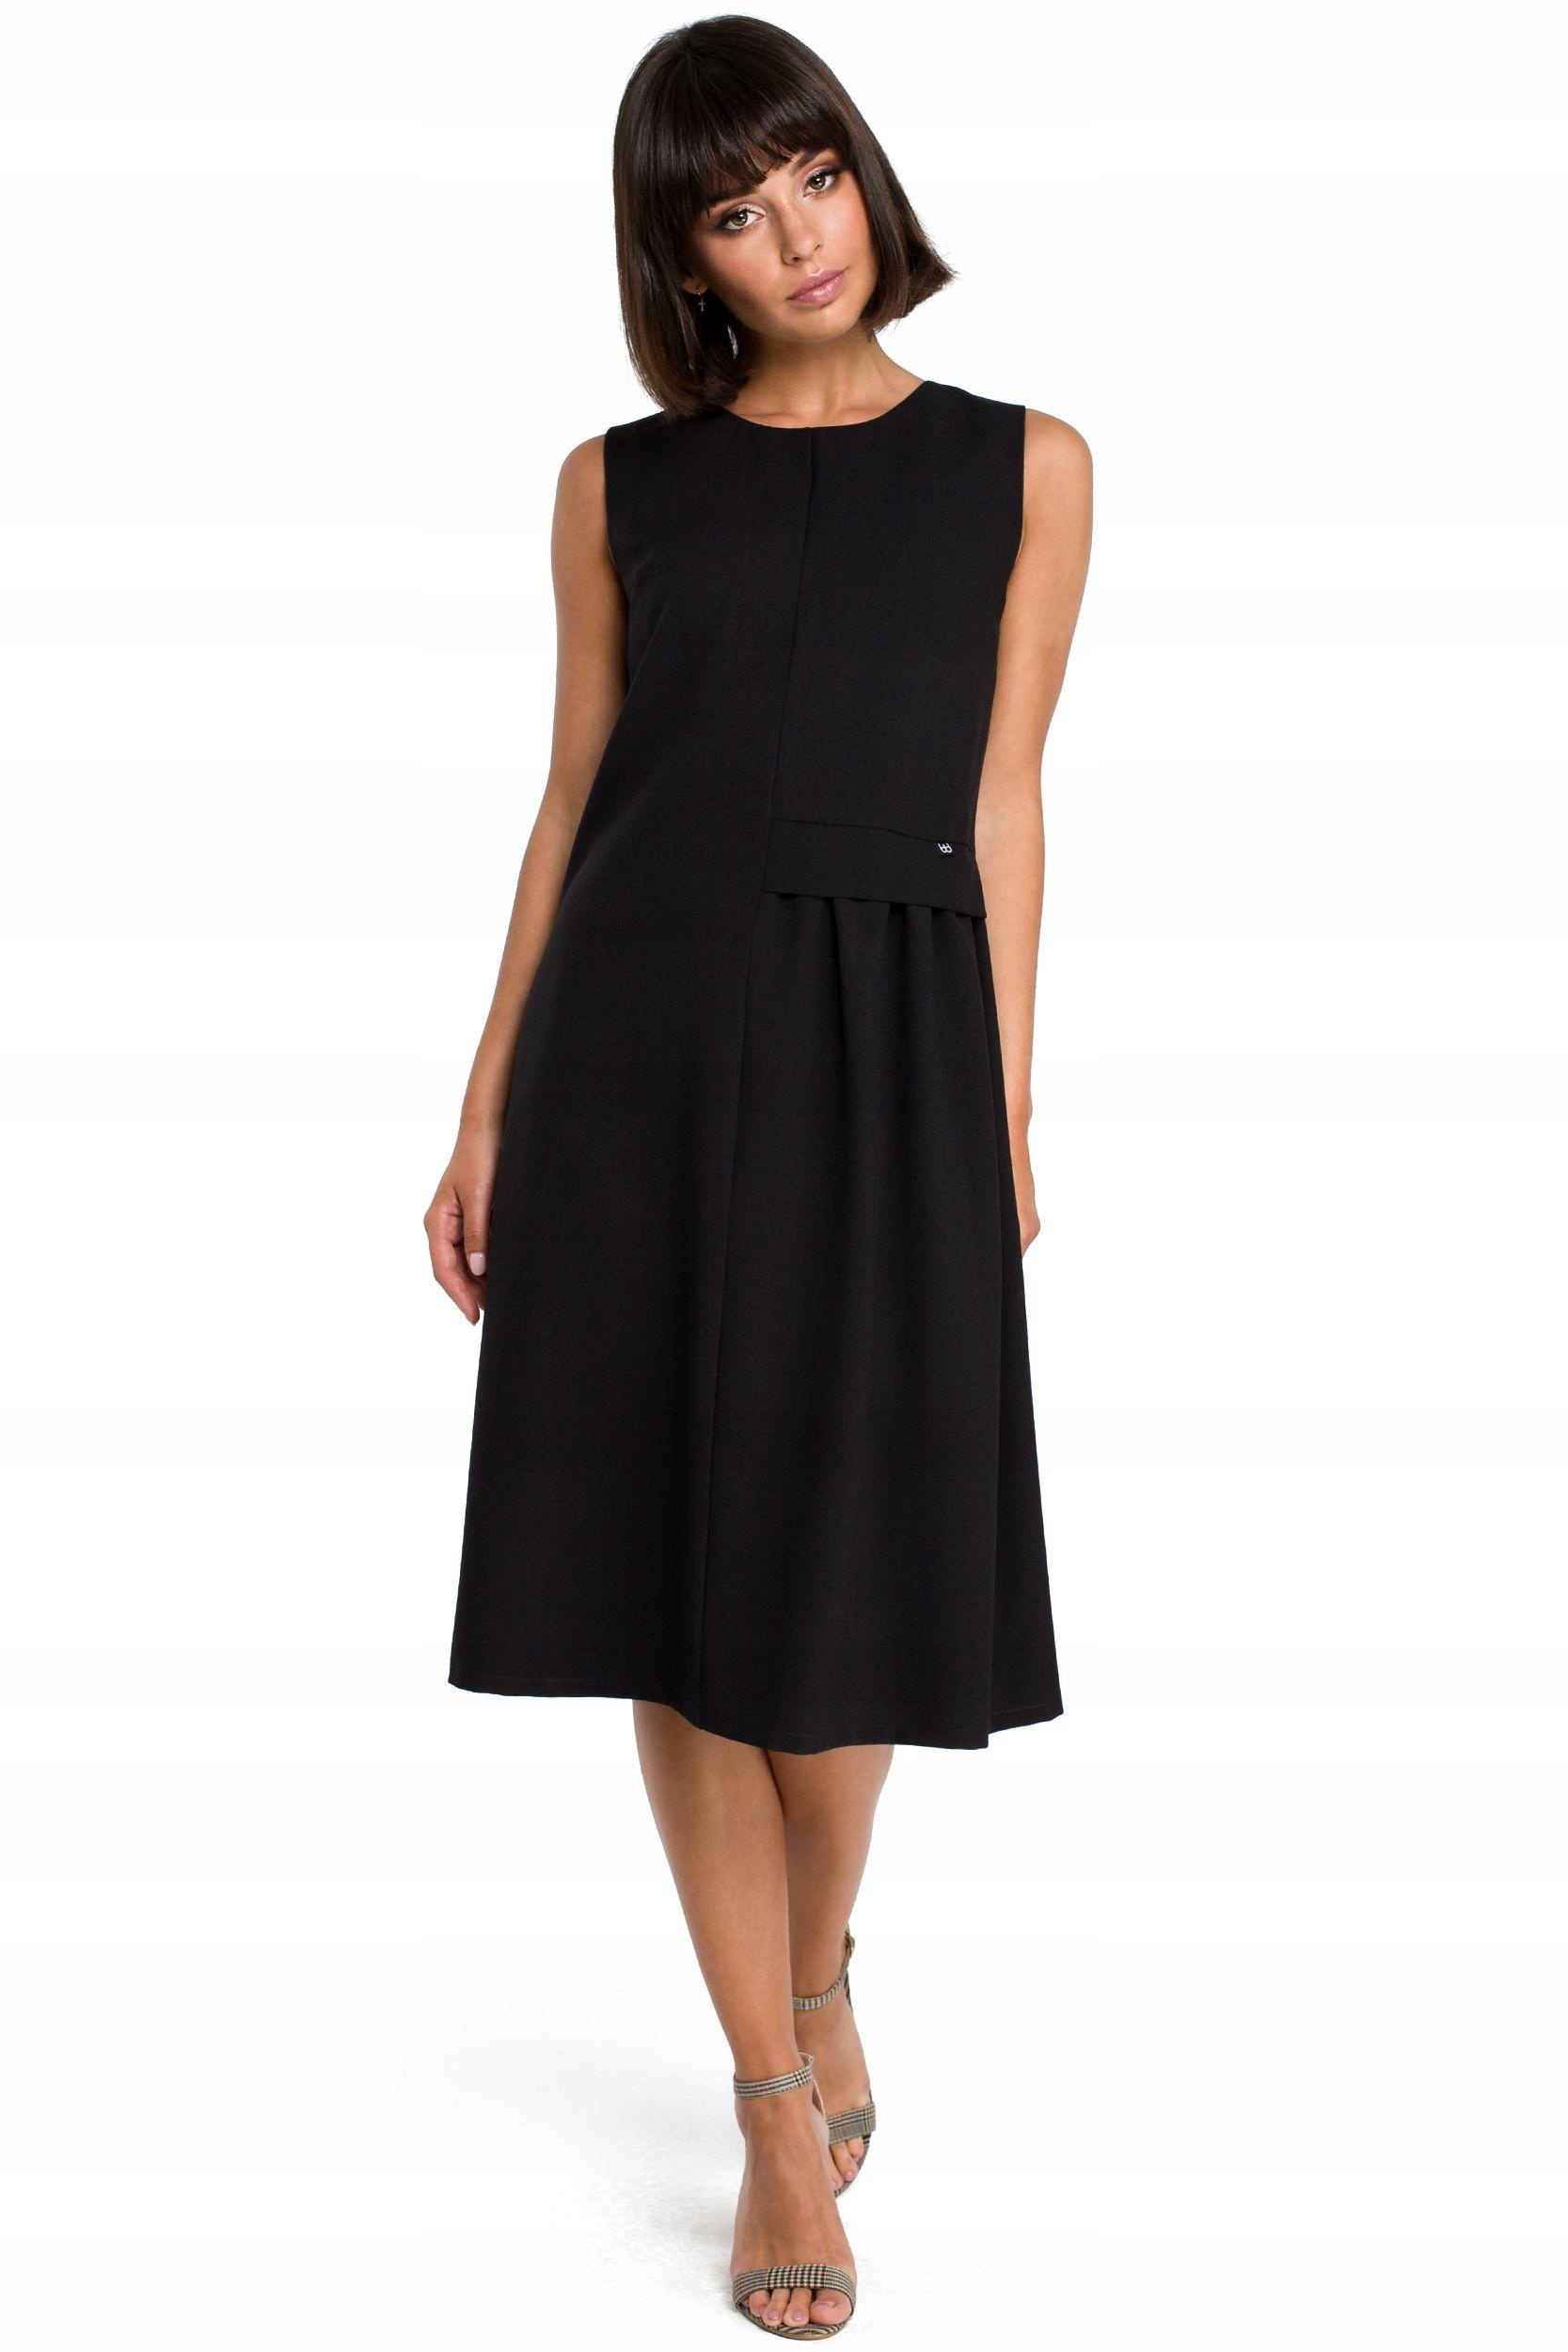 B080 Zwiewna sukienka midi bez rękawów - czarna 42